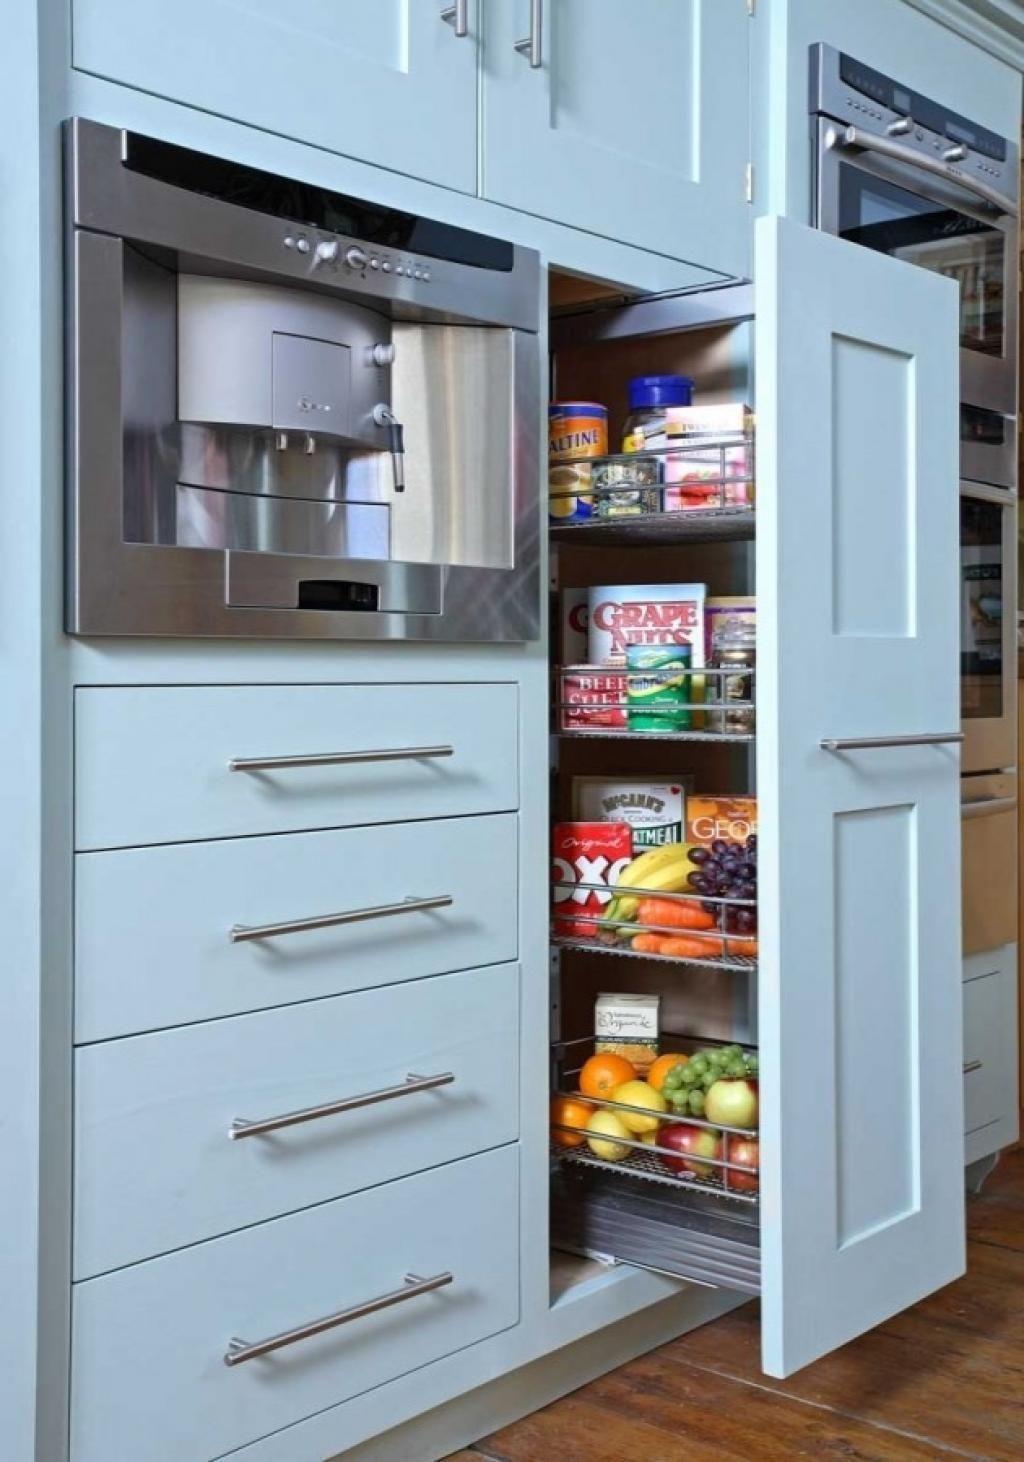 Kitchen Modular Kitchen Cabinet Interior Design With Custom Storage Modern Handle Design With Mod Pantry Storage Cabinet Pantry Design Modular Kitchen Cabinets